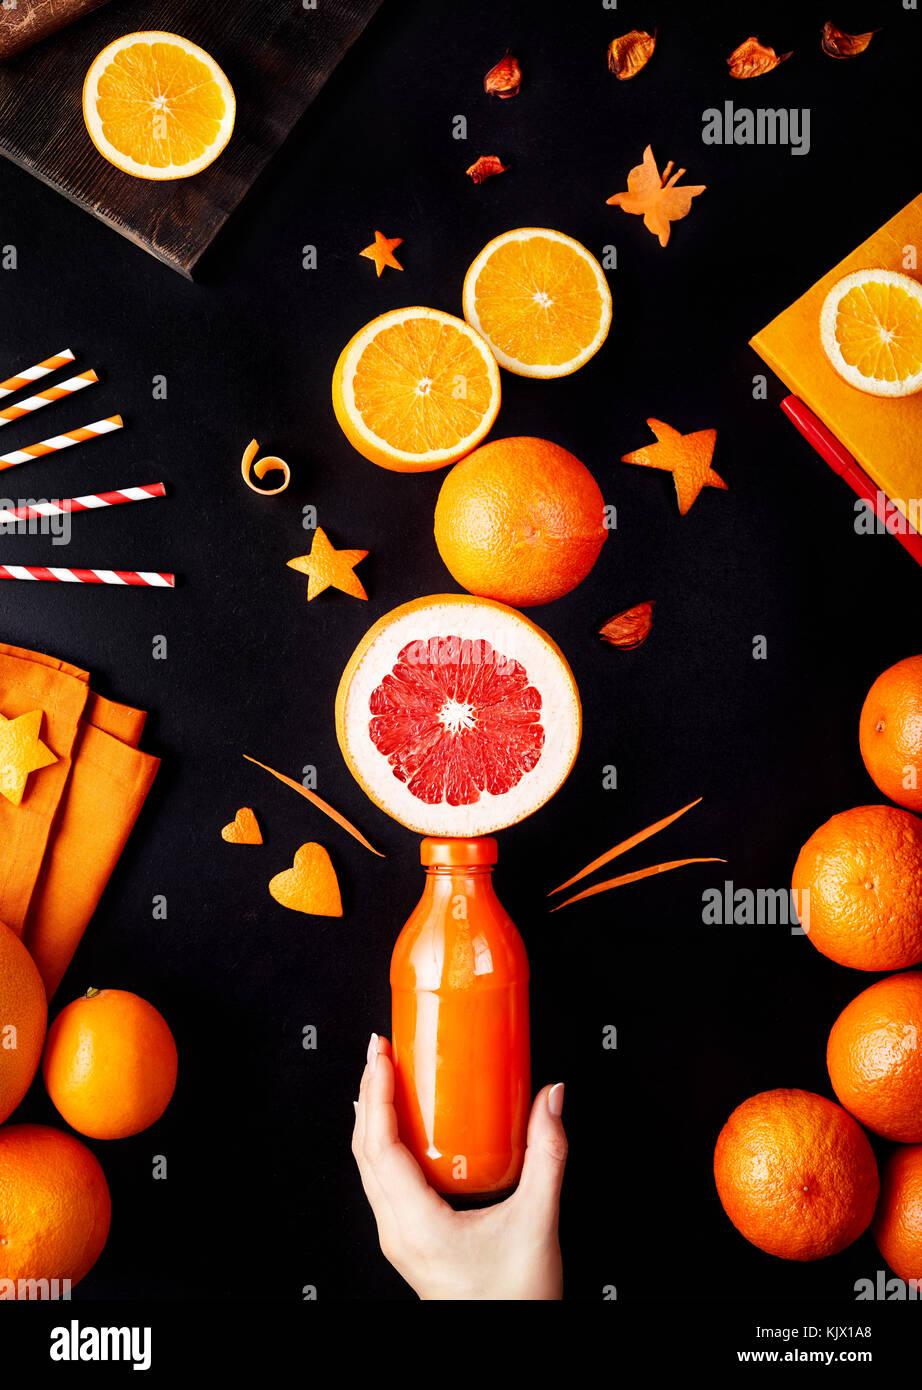 Fresh detox juice from oranges, grapefruit and lemon on black background flay lay - Stock Image